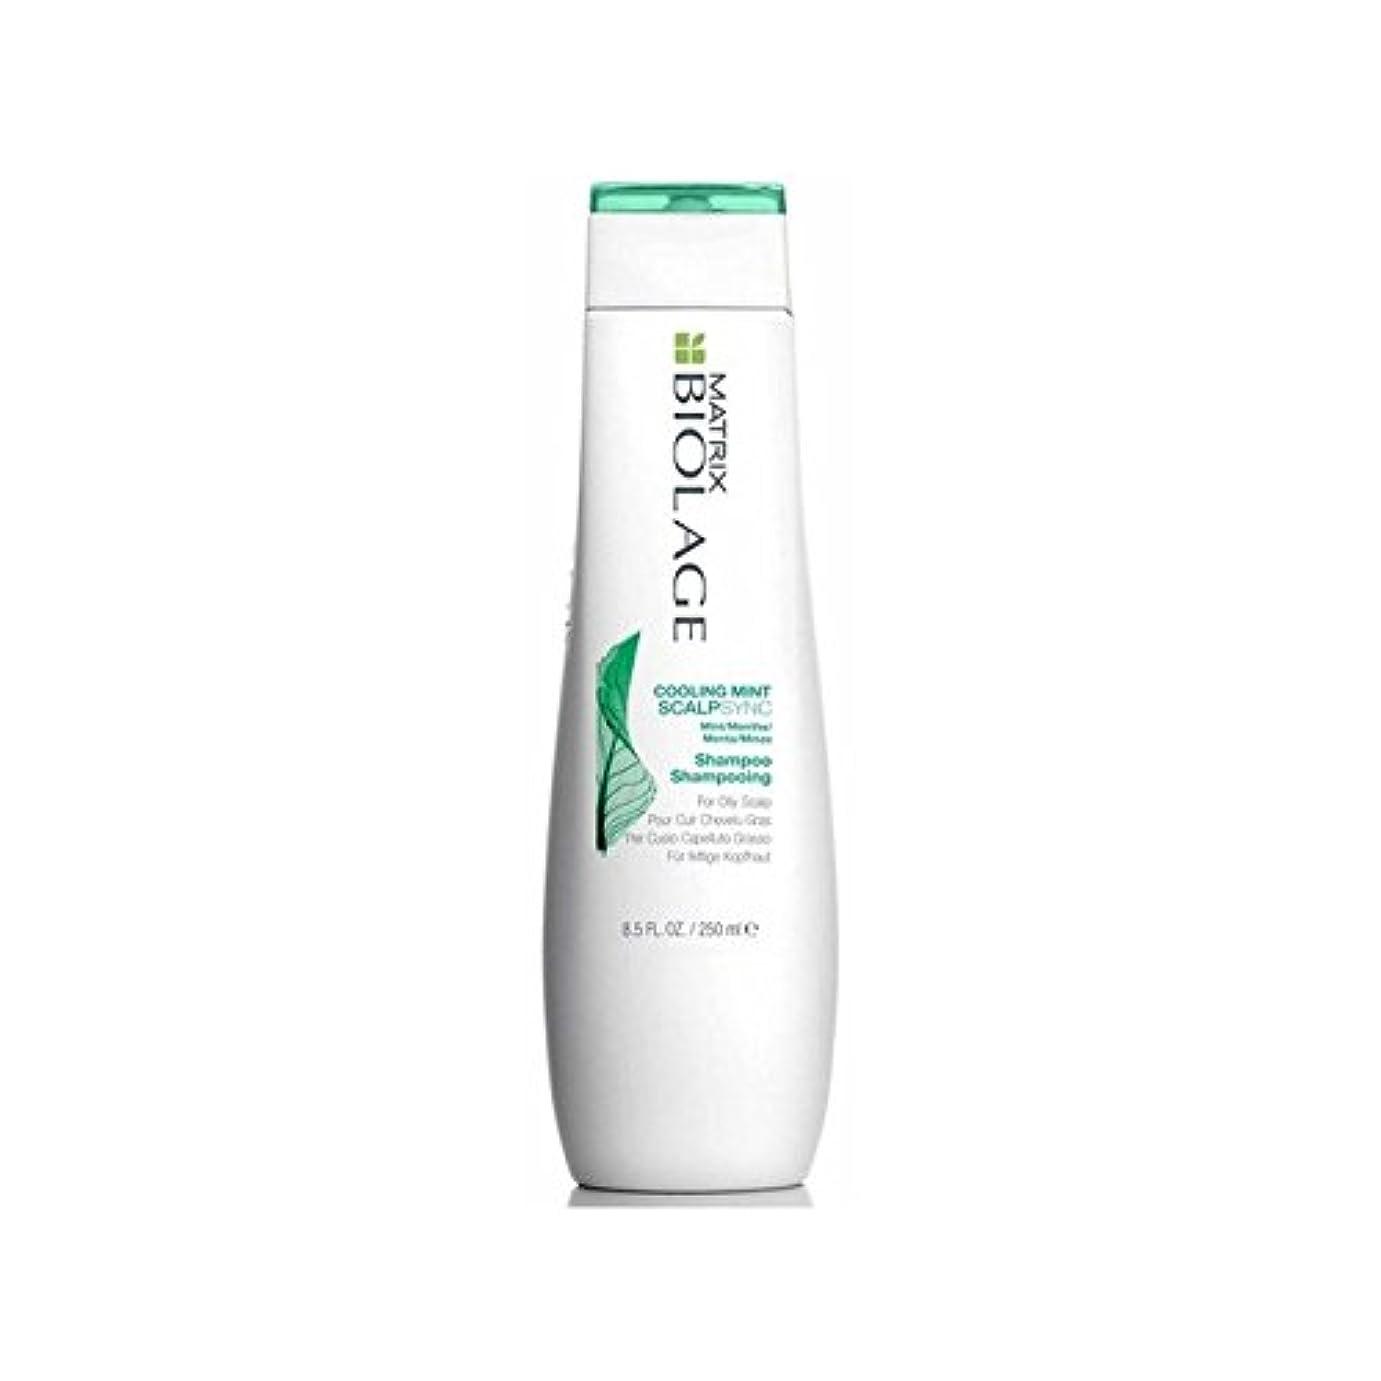 でも確保する福祉ミントシャンプー(250ミリリットル)を冷却マトリックスバイオレイジの頭皮 x2 - Matrix Biolage Scalptherapie Scalp Cooling Mint Shampoo (250ml) (Pack of 2) [並行輸入品]